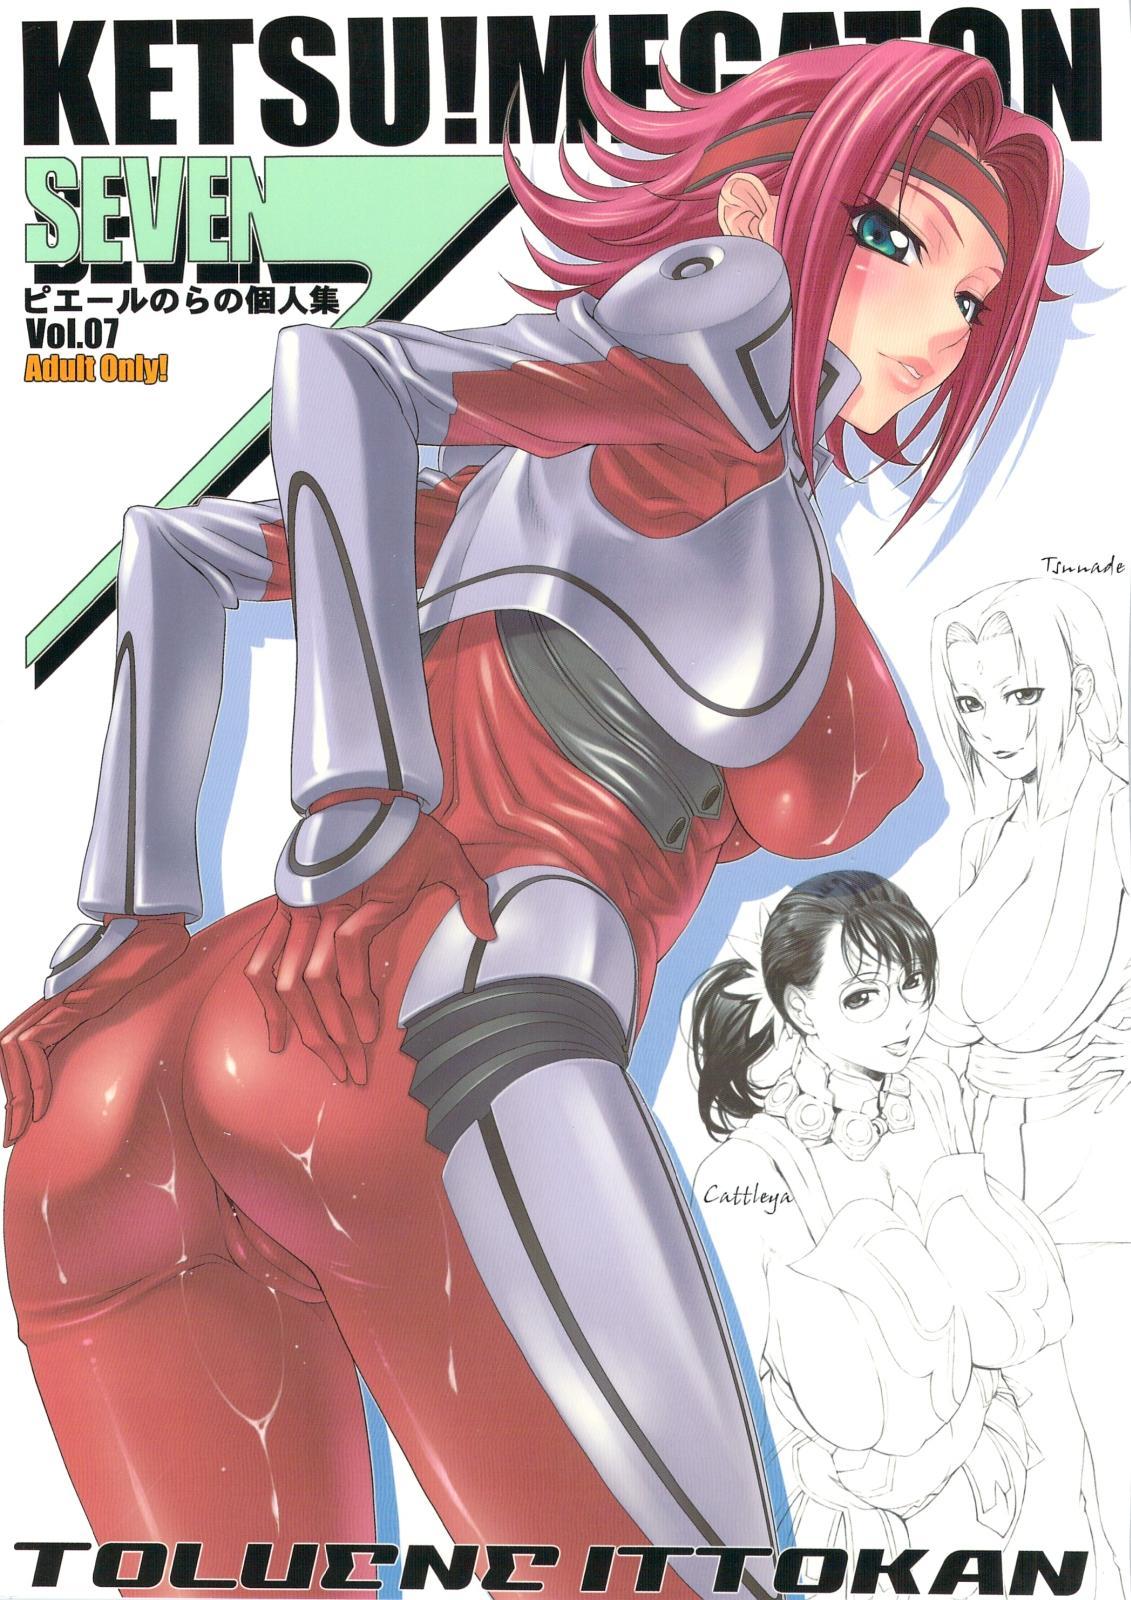 Ketsu! Megaton Seven 0